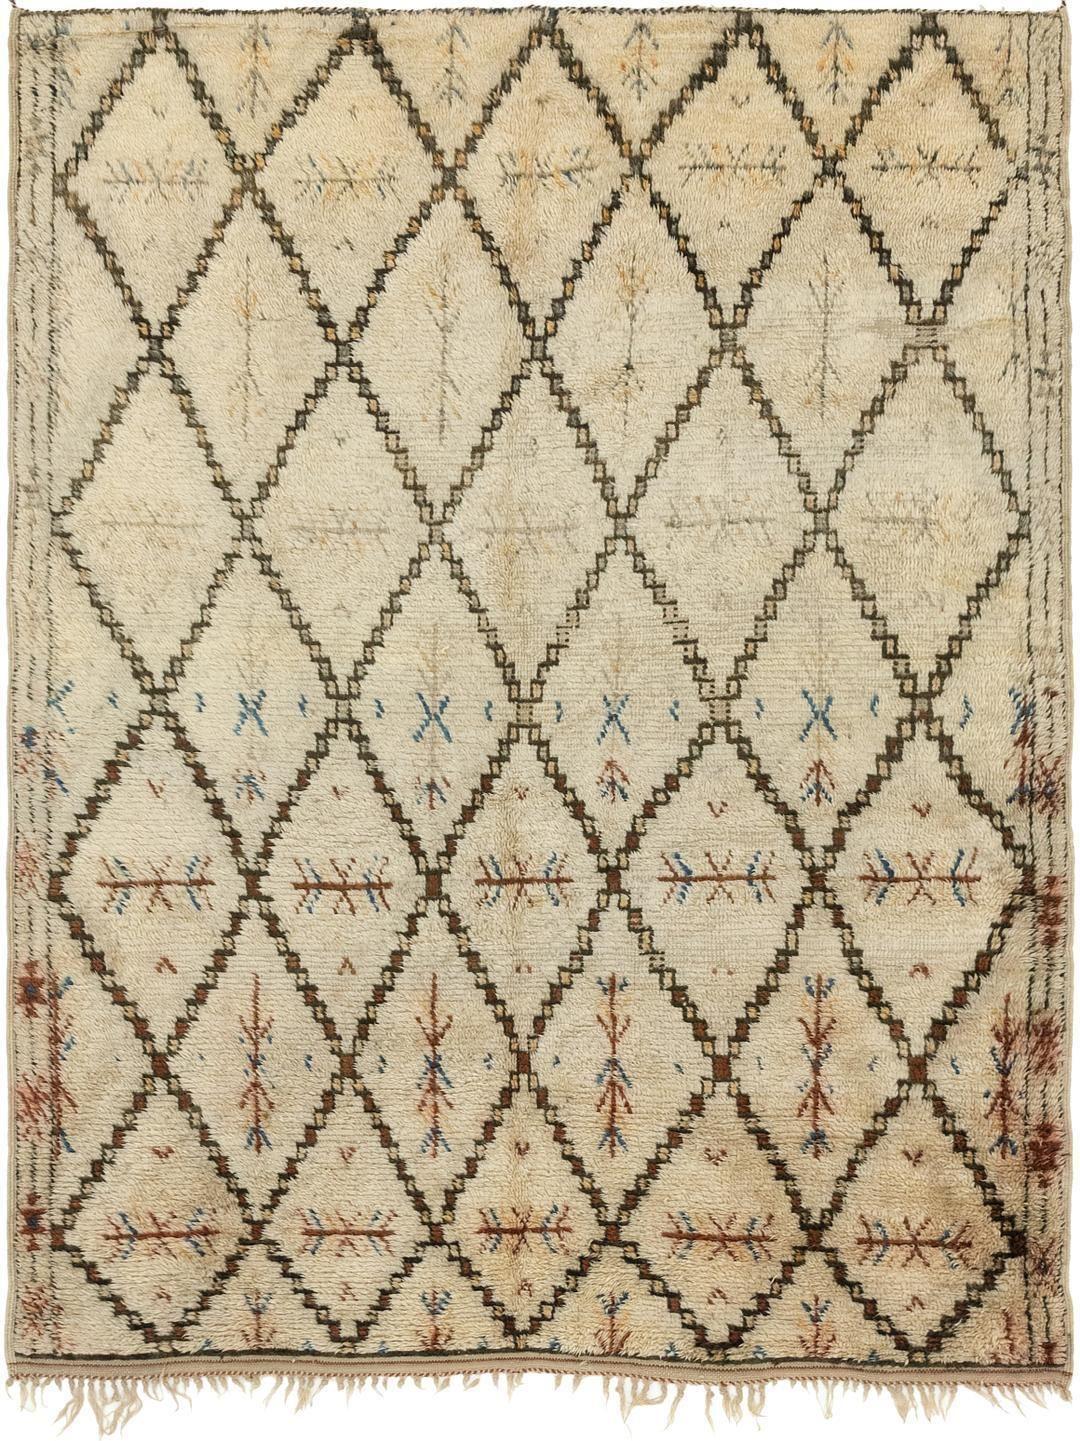 Beige 5' 7 x 7' 4 Moroccan Rug Oriental Rugs eSaleRugs